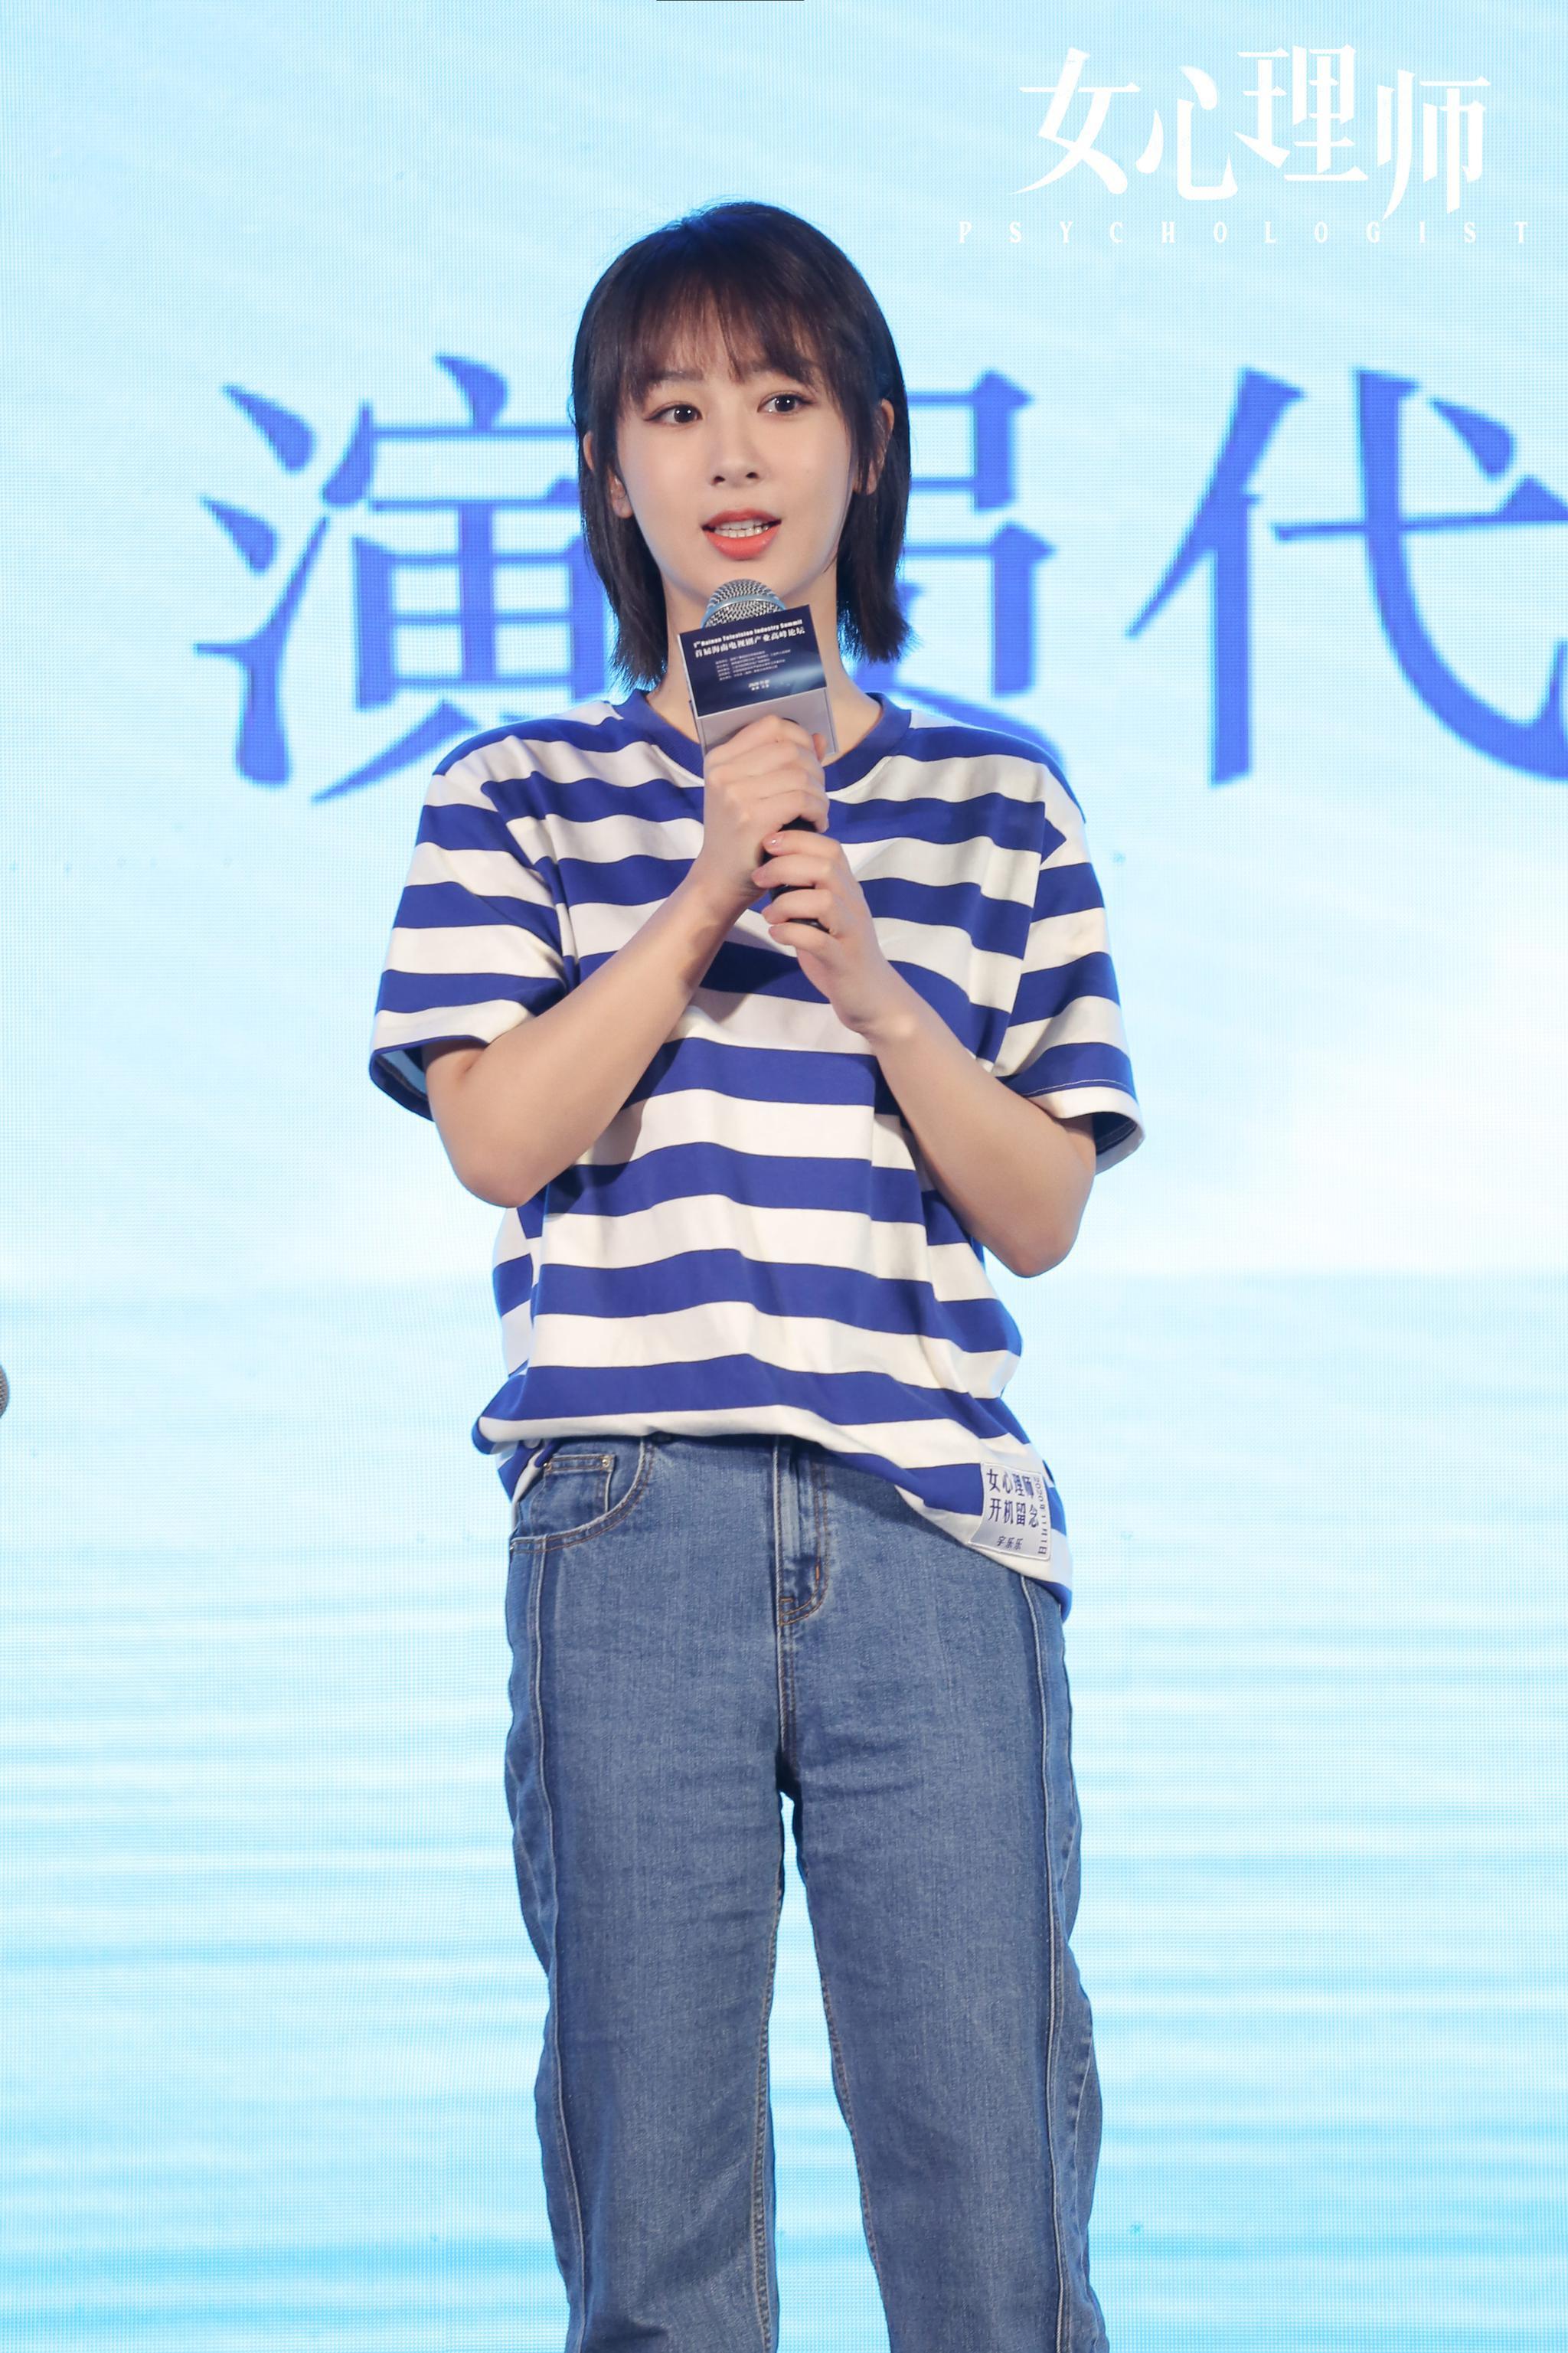 电视剧《女心理师》开机,杨紫希望角色带来正能量图片